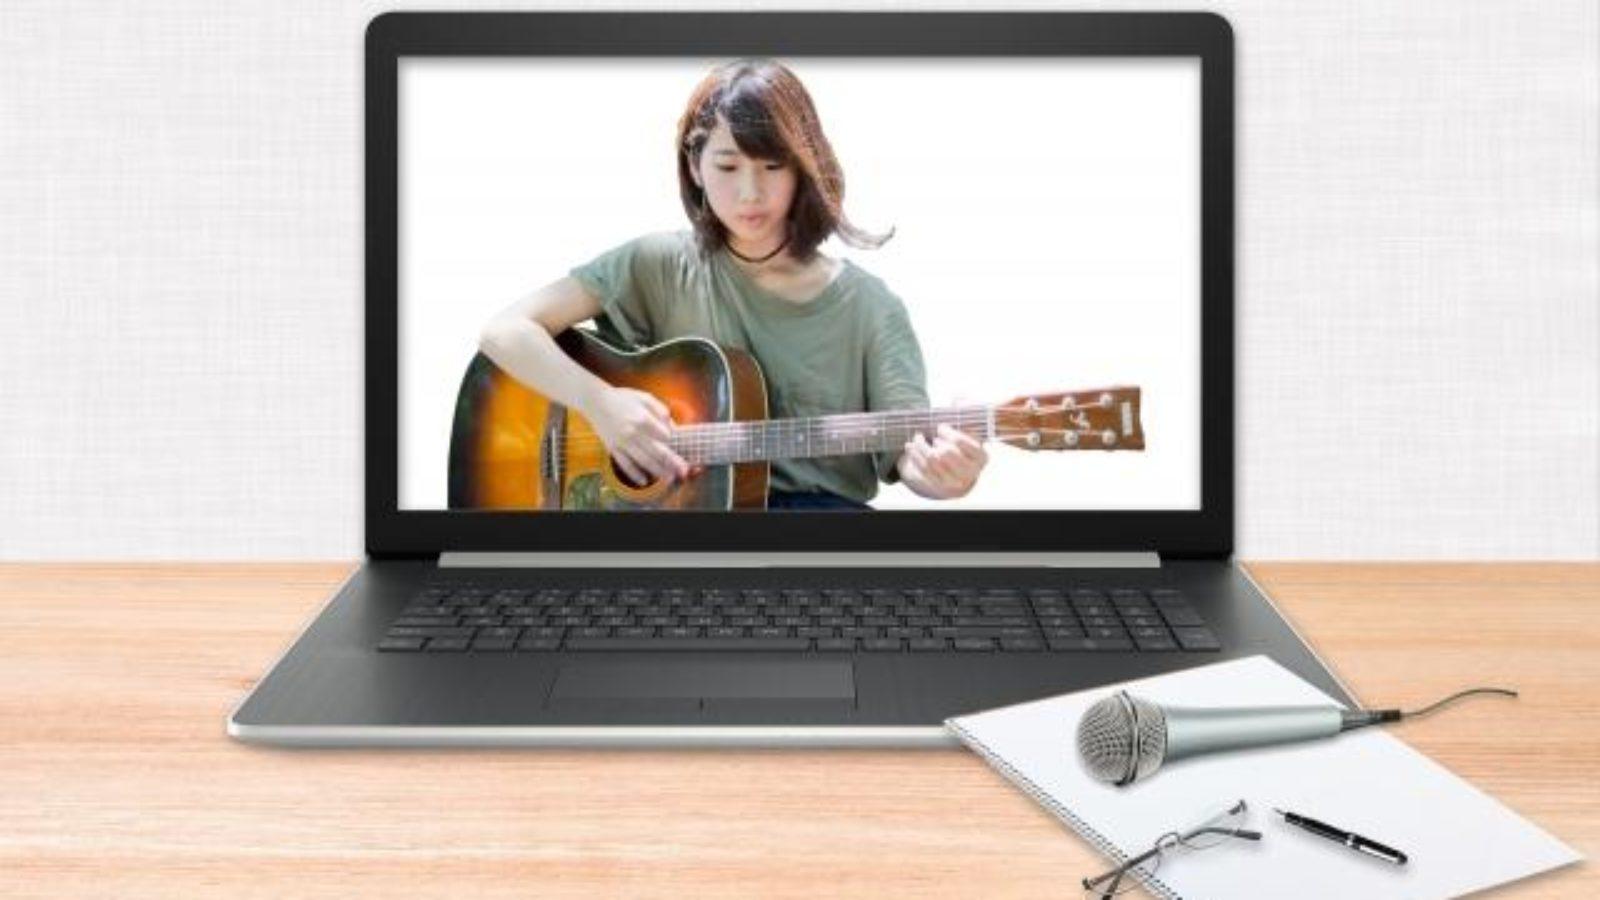 【音楽系】オンラインレッスンの音質を向上させる6つのポイント